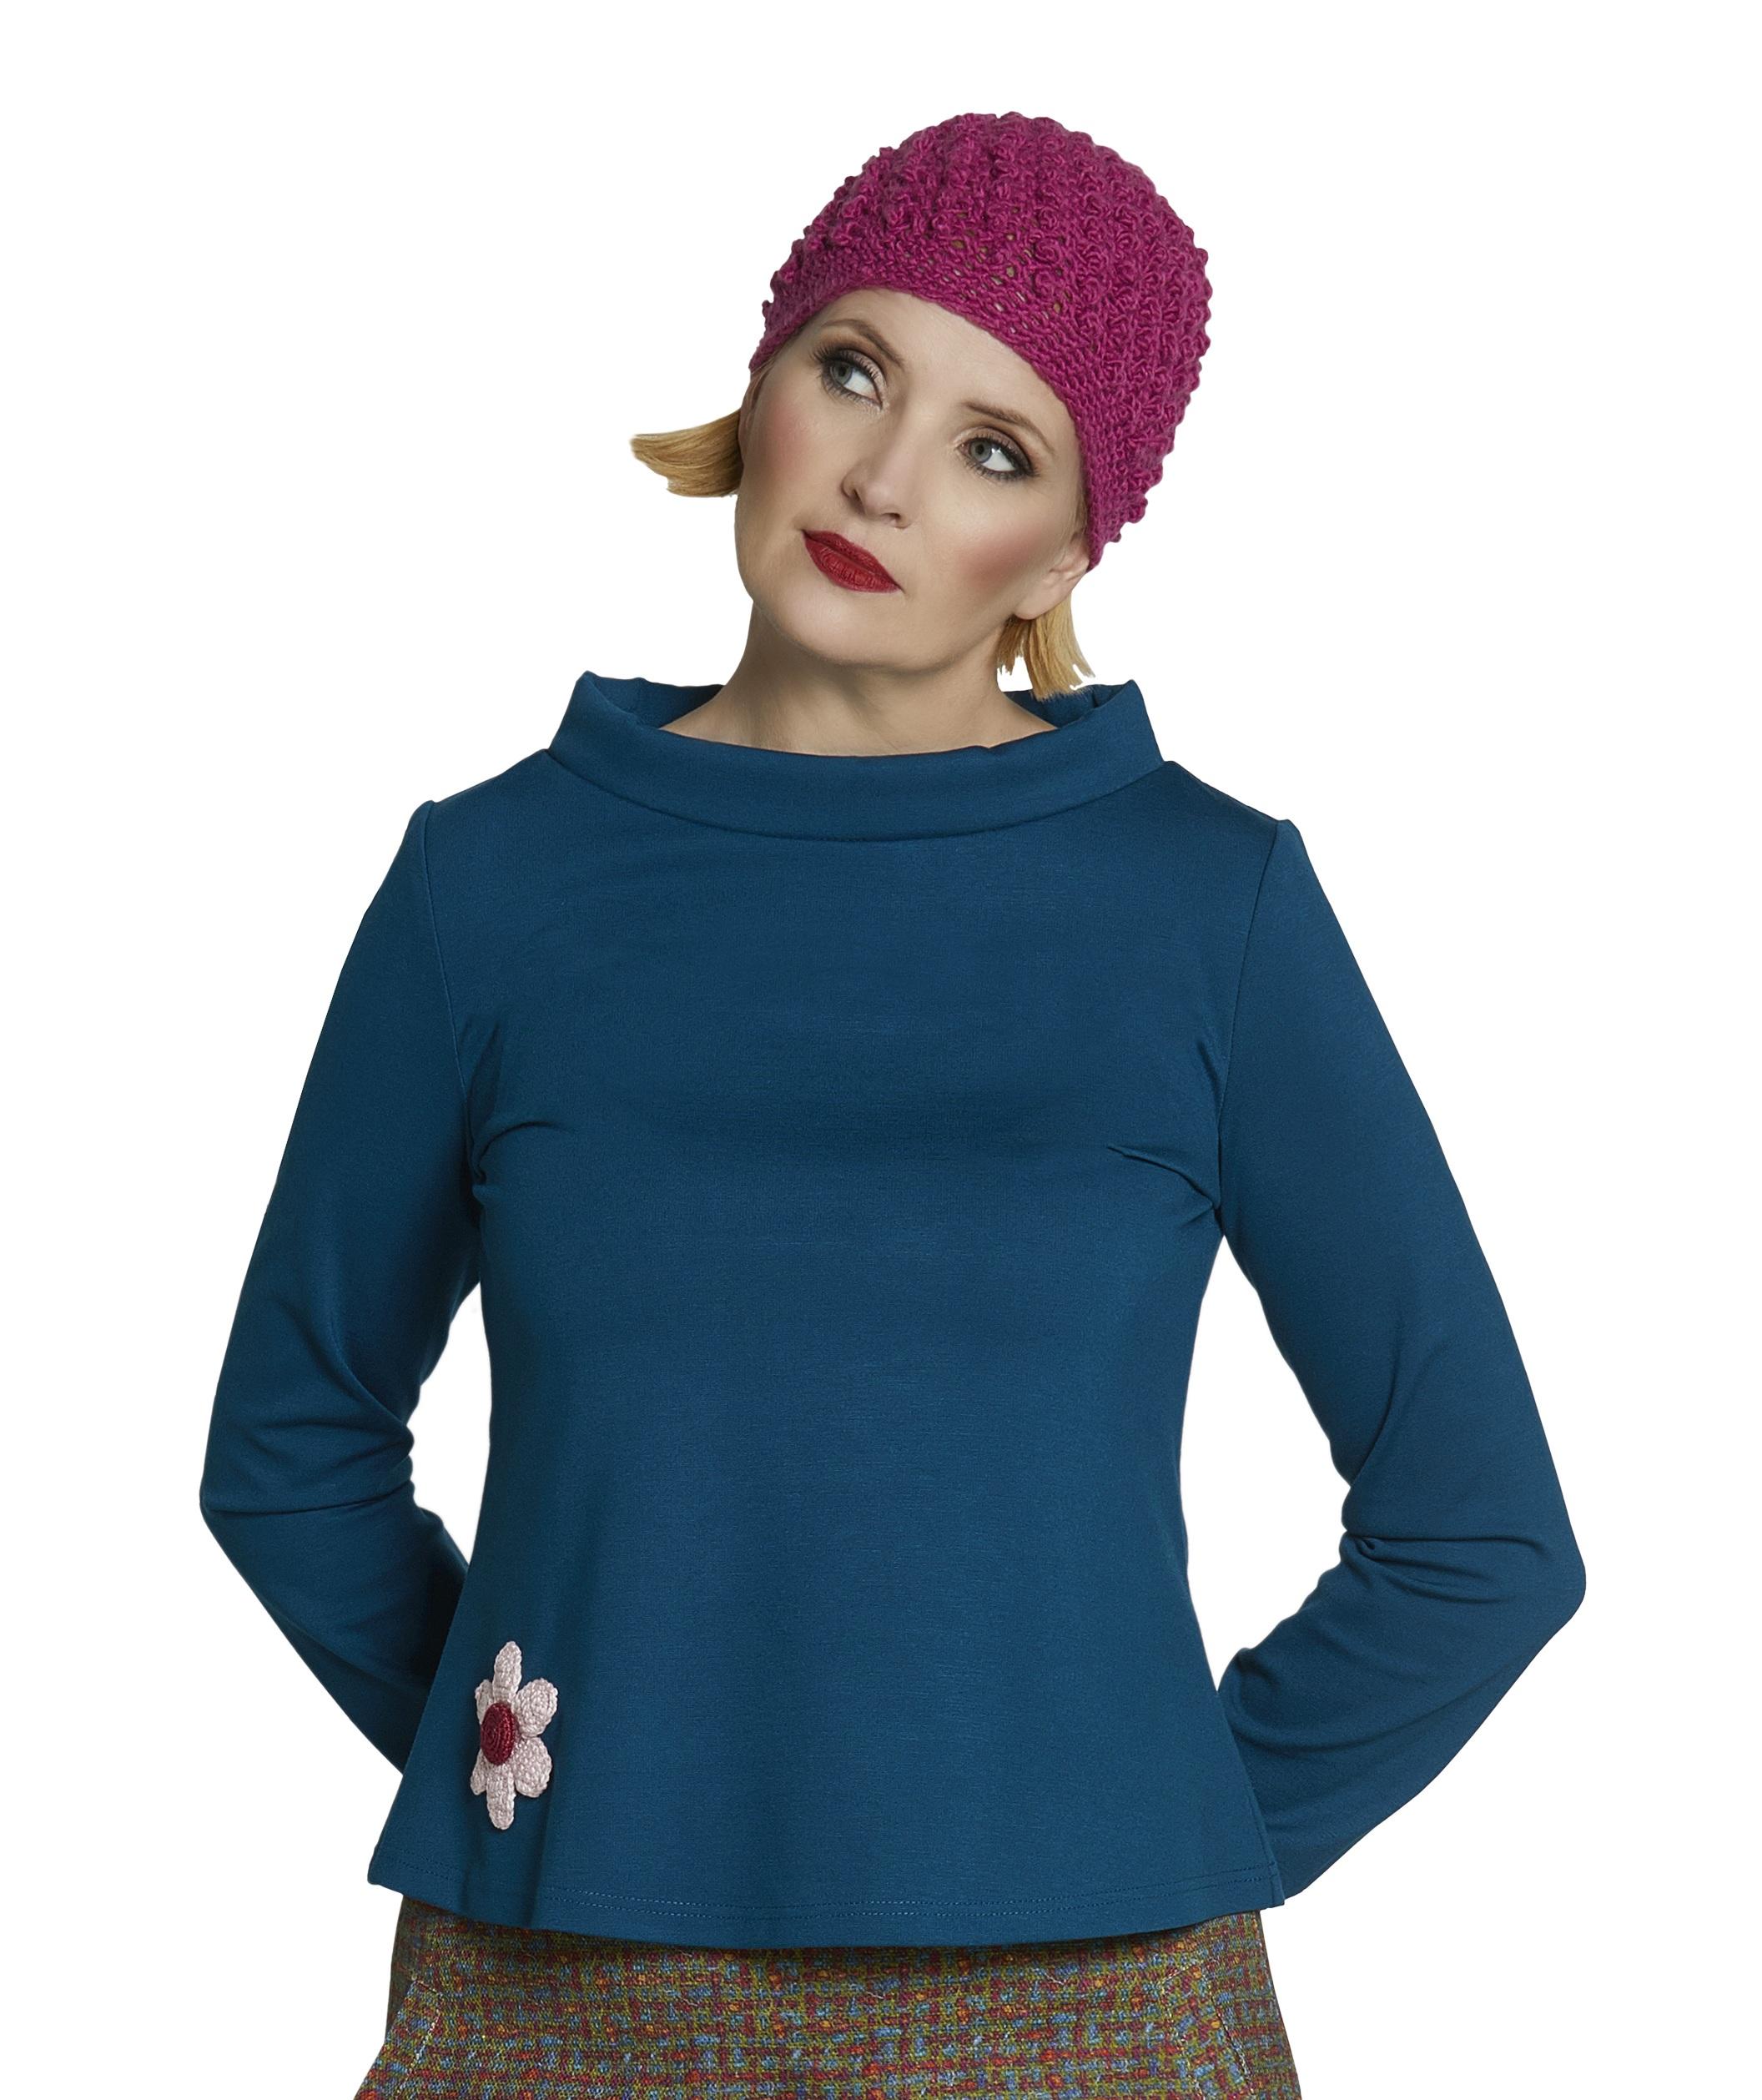 Tant Sofia-Albertas autumn blouse - duMilde